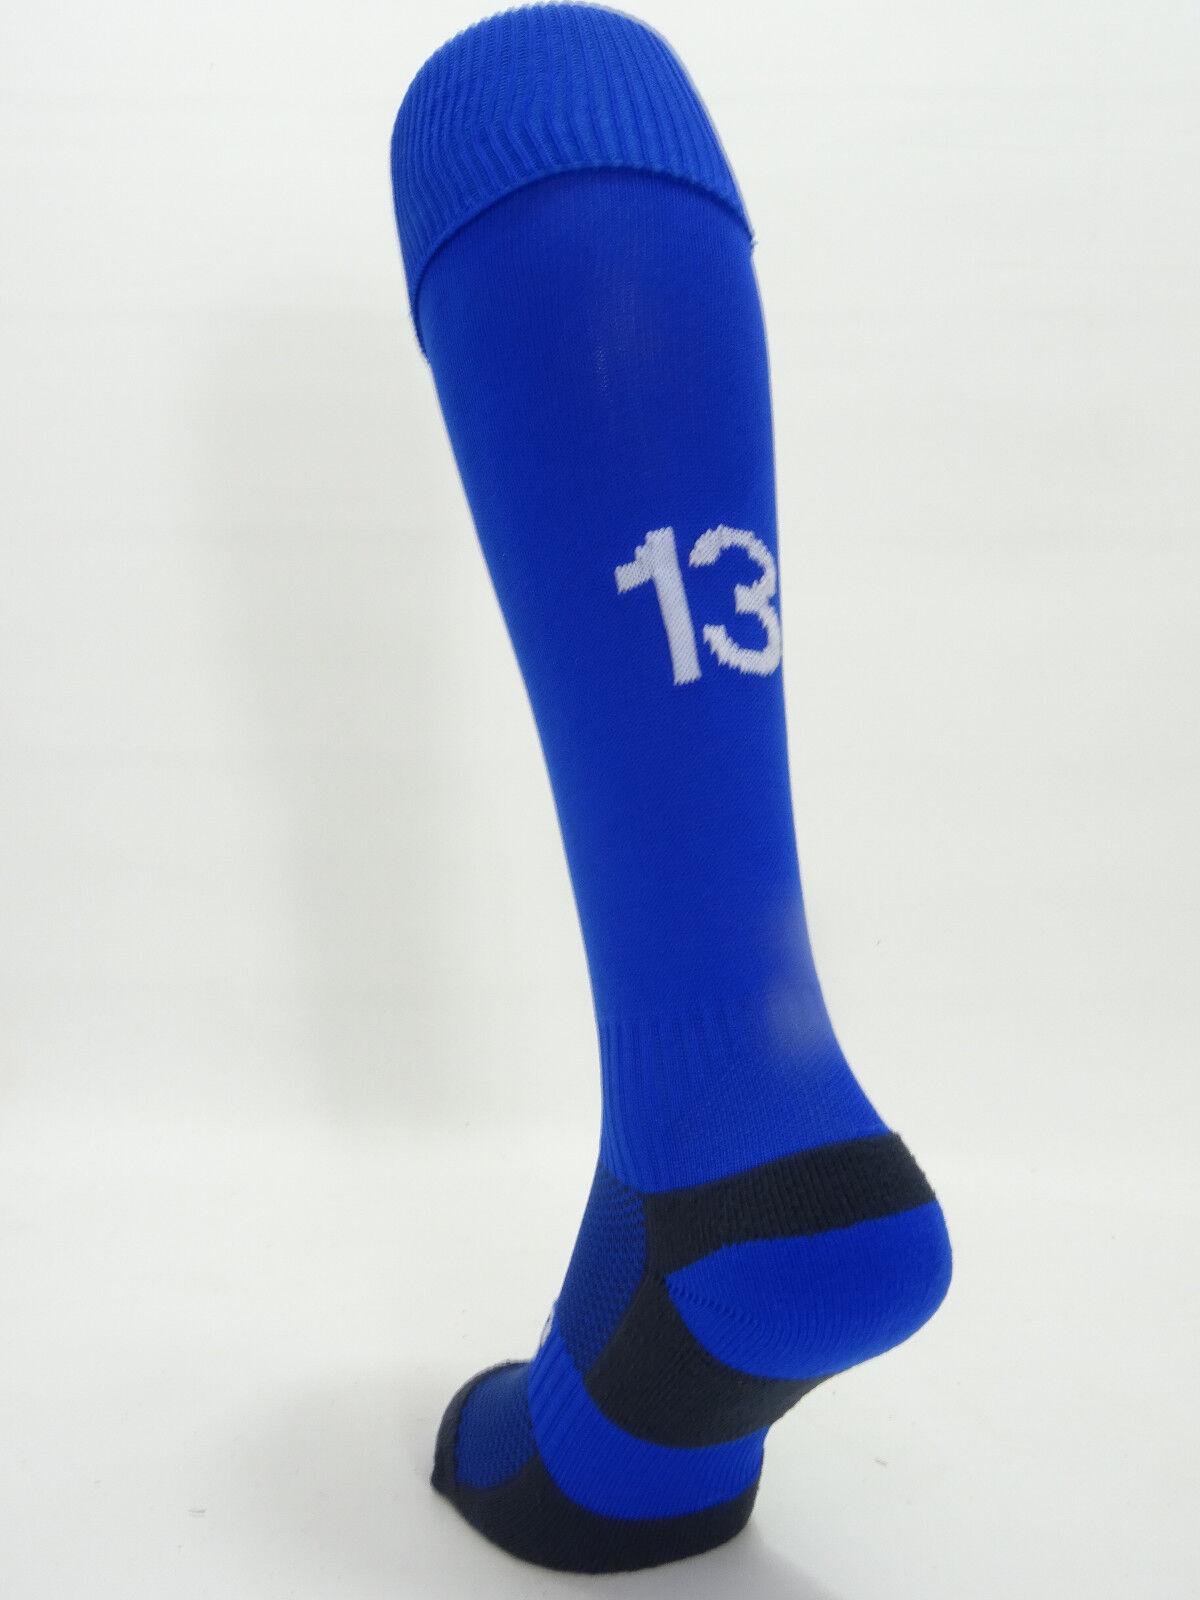 16 X Calcetines De Fútbol Para Para Para Hombre 'Numerada' . números Azul y blancoo 2-17. tamaño de Reino Unido 7-11 728086